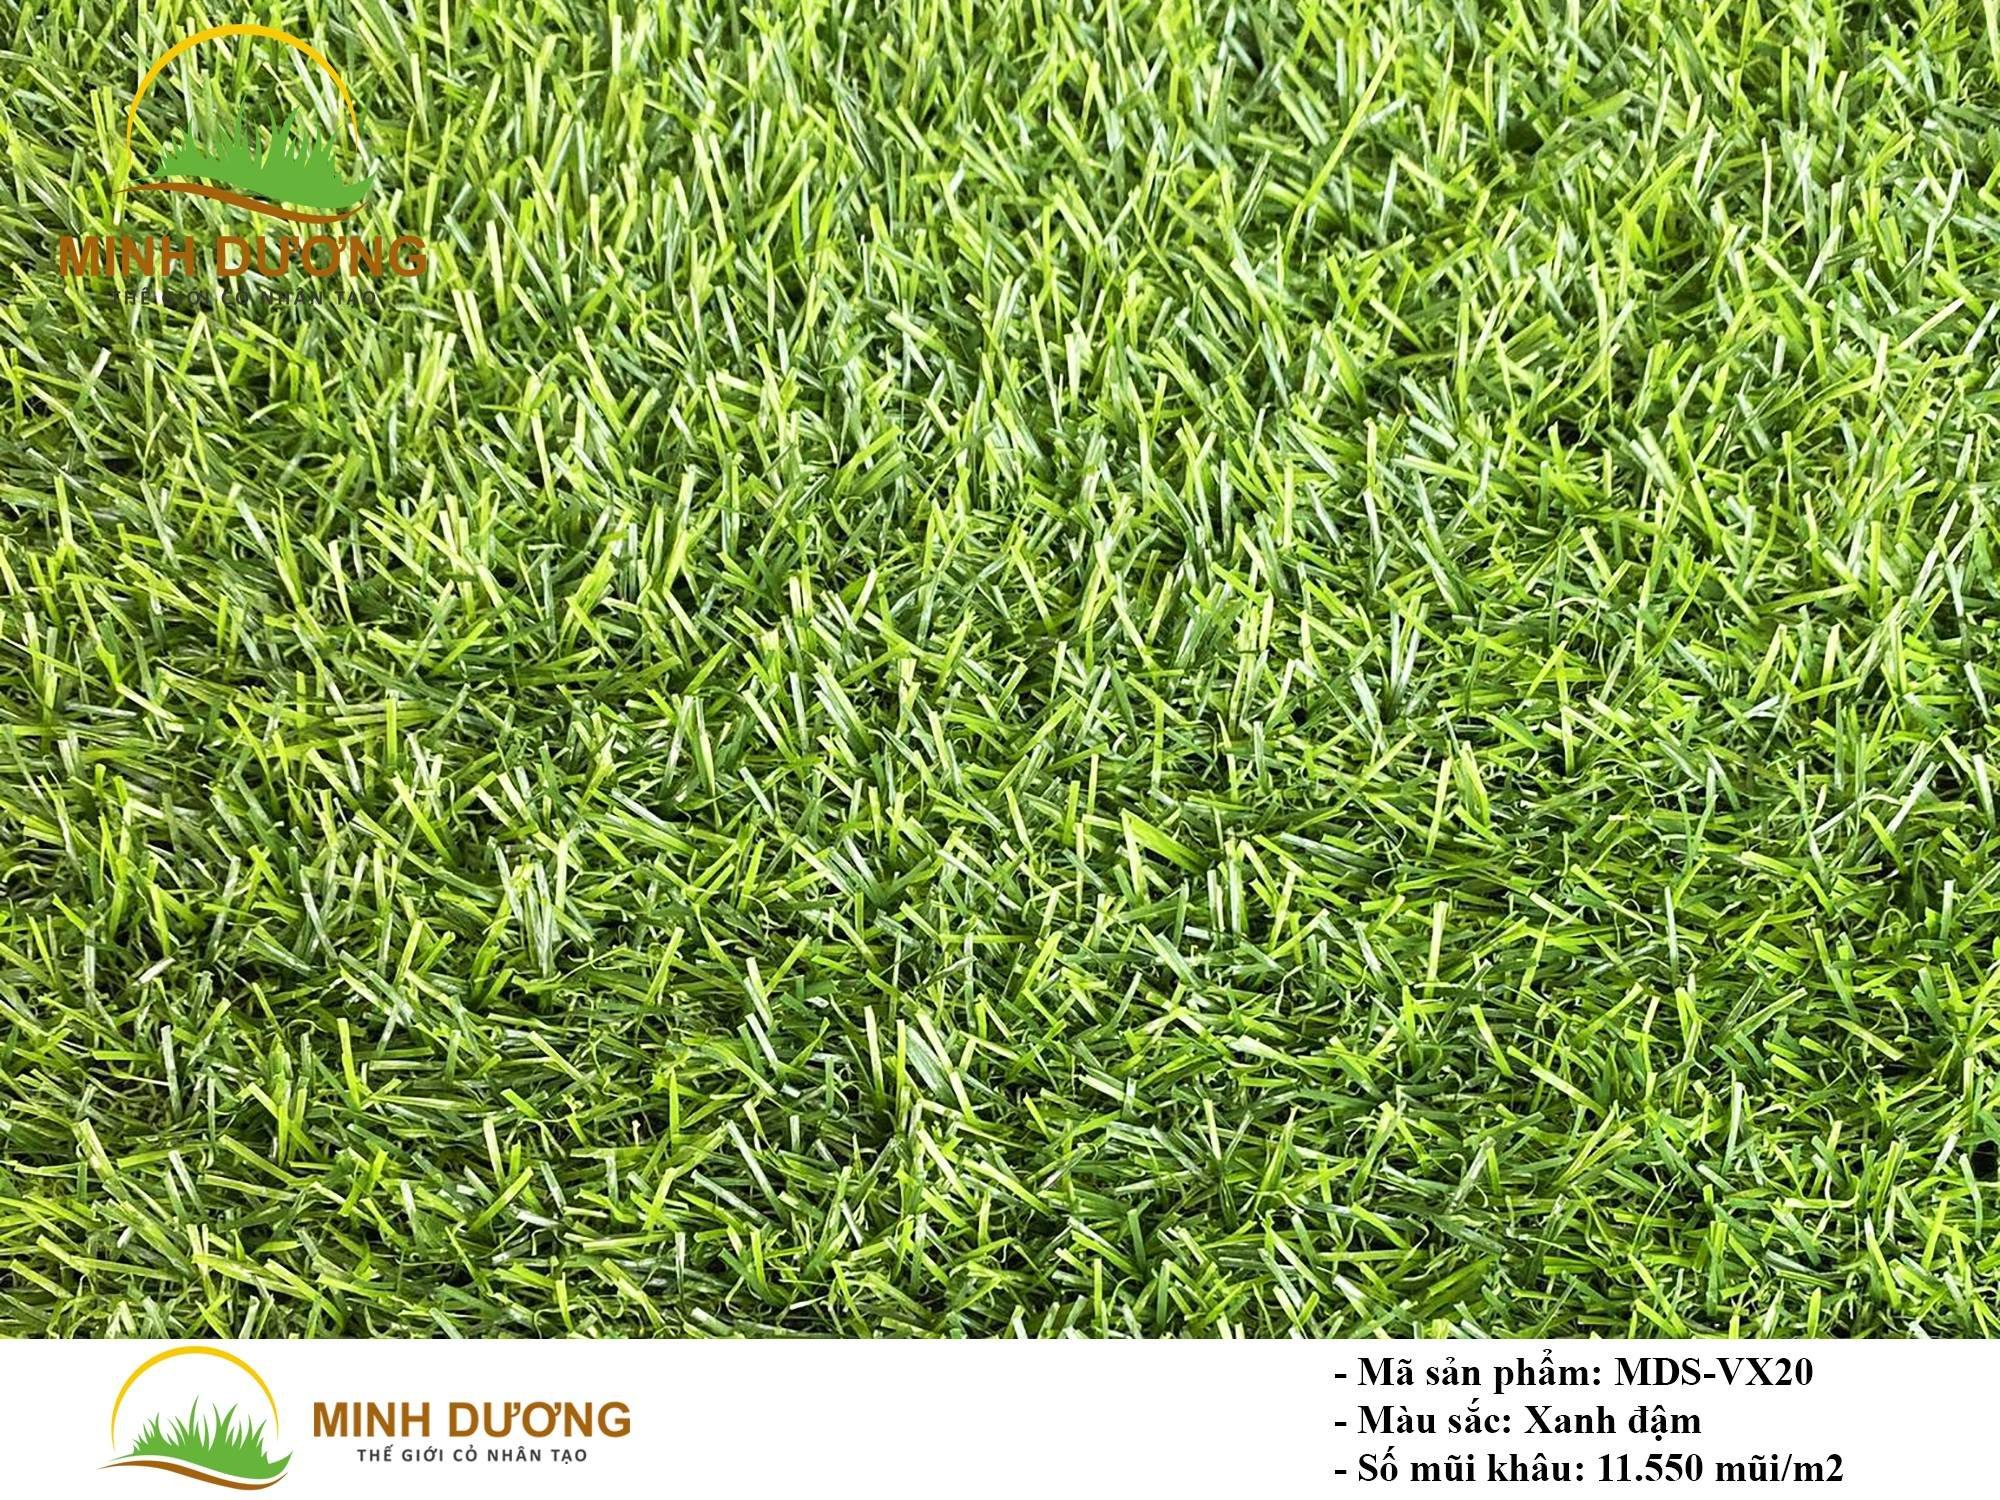 Sản phẩm cỏ nhân tạo MDS-VX20